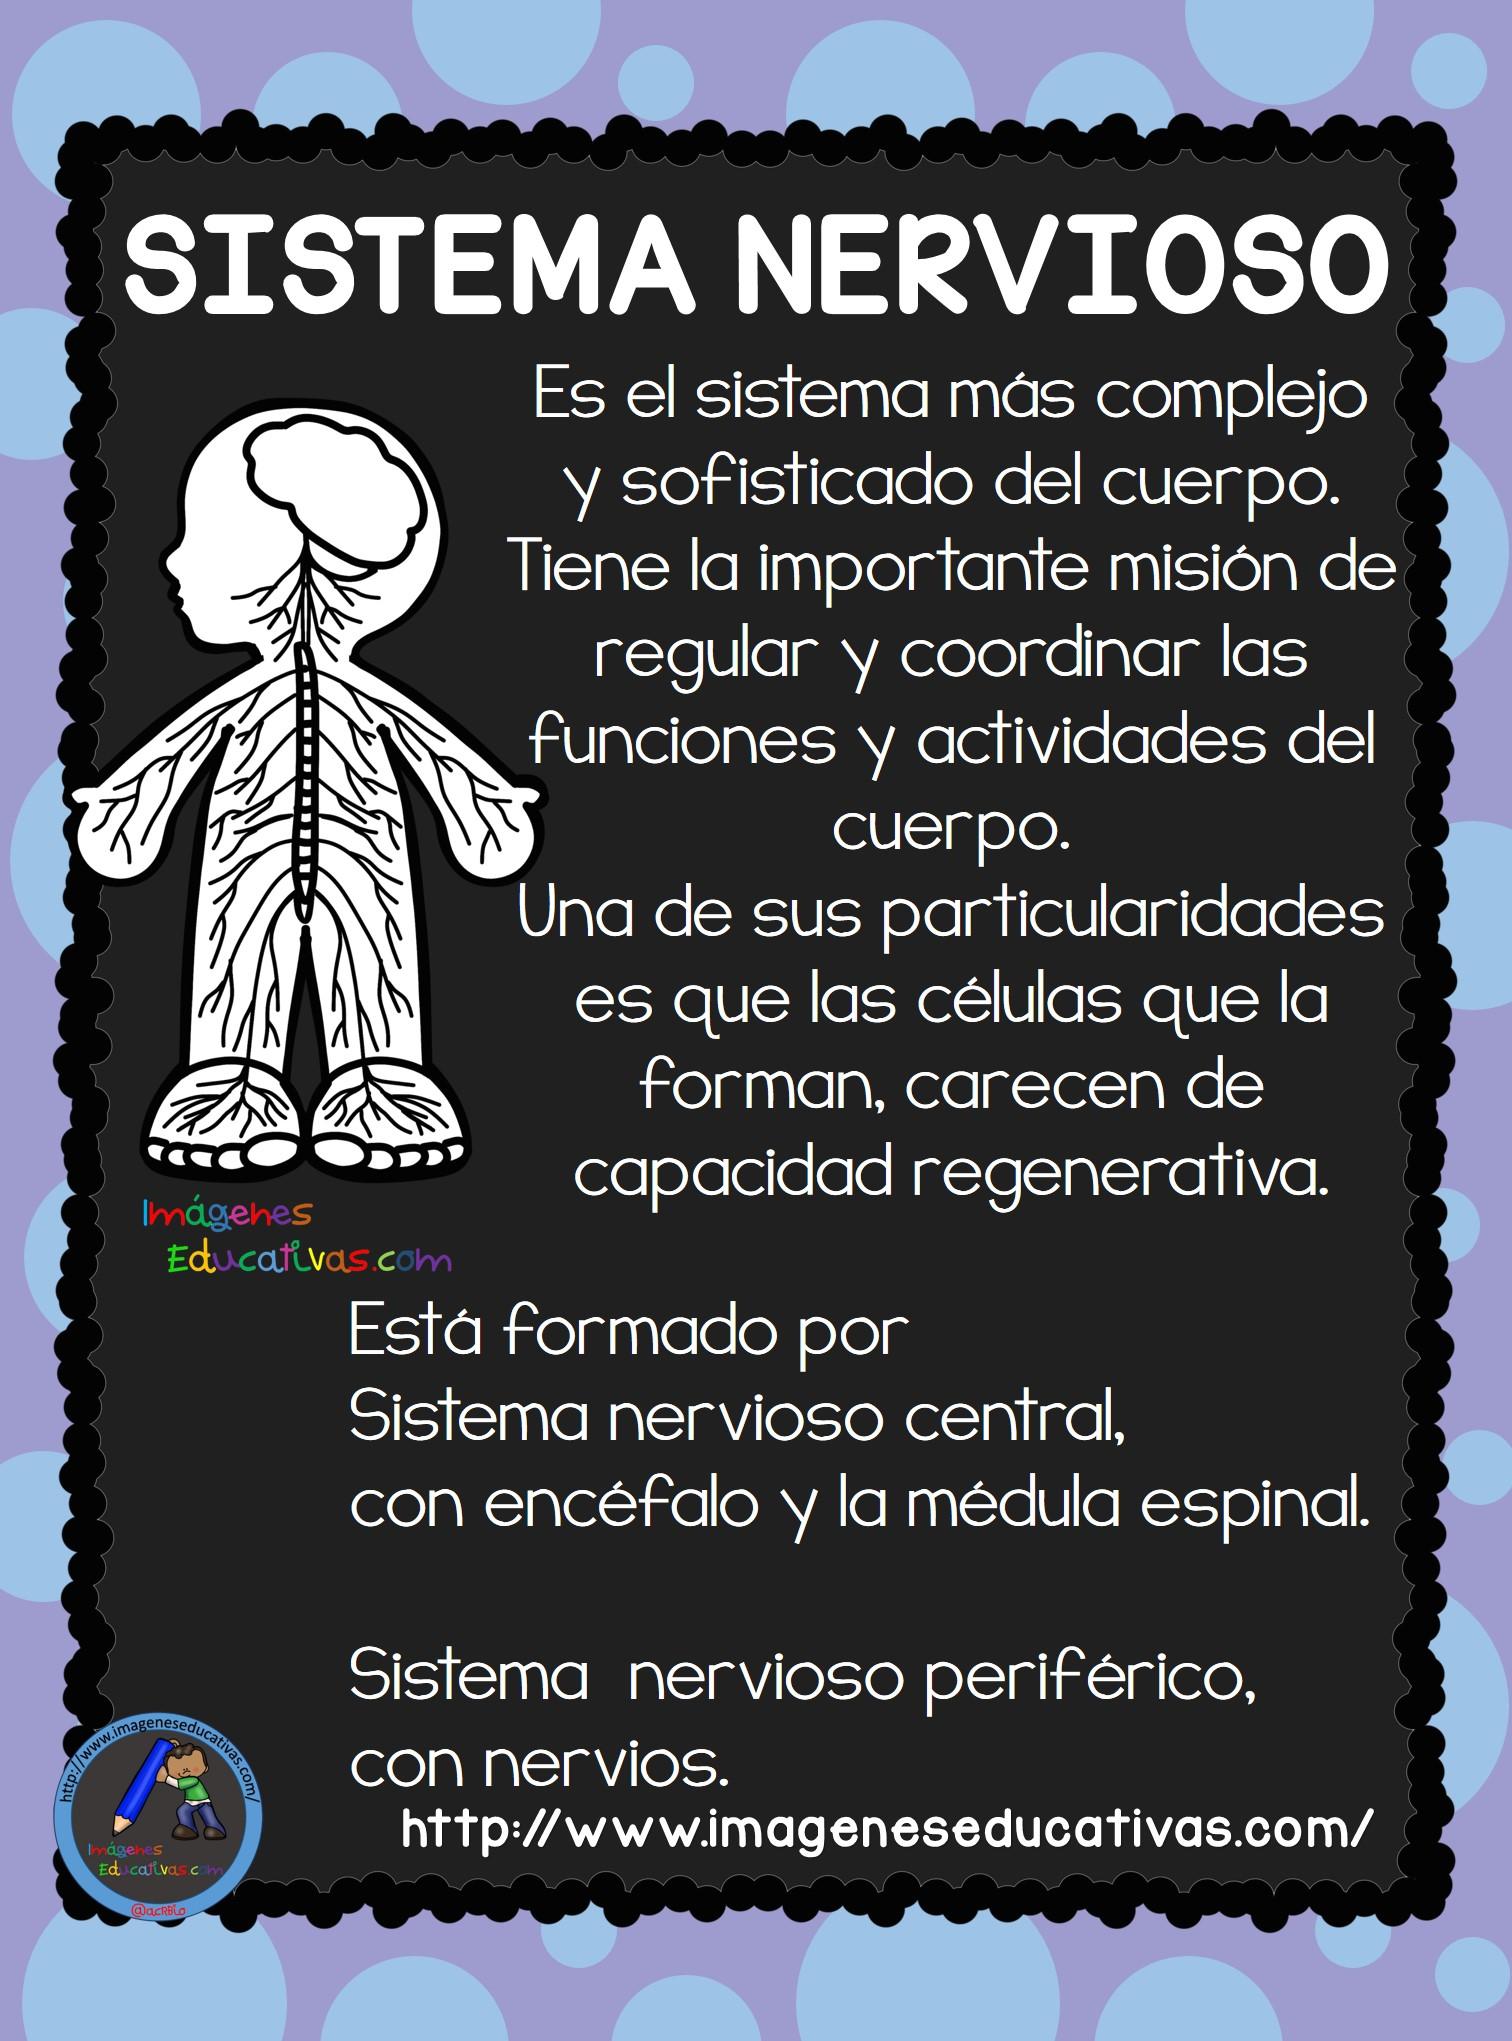 El Cuerpo Humano; Aparatos y Sistemas para Primaria (15